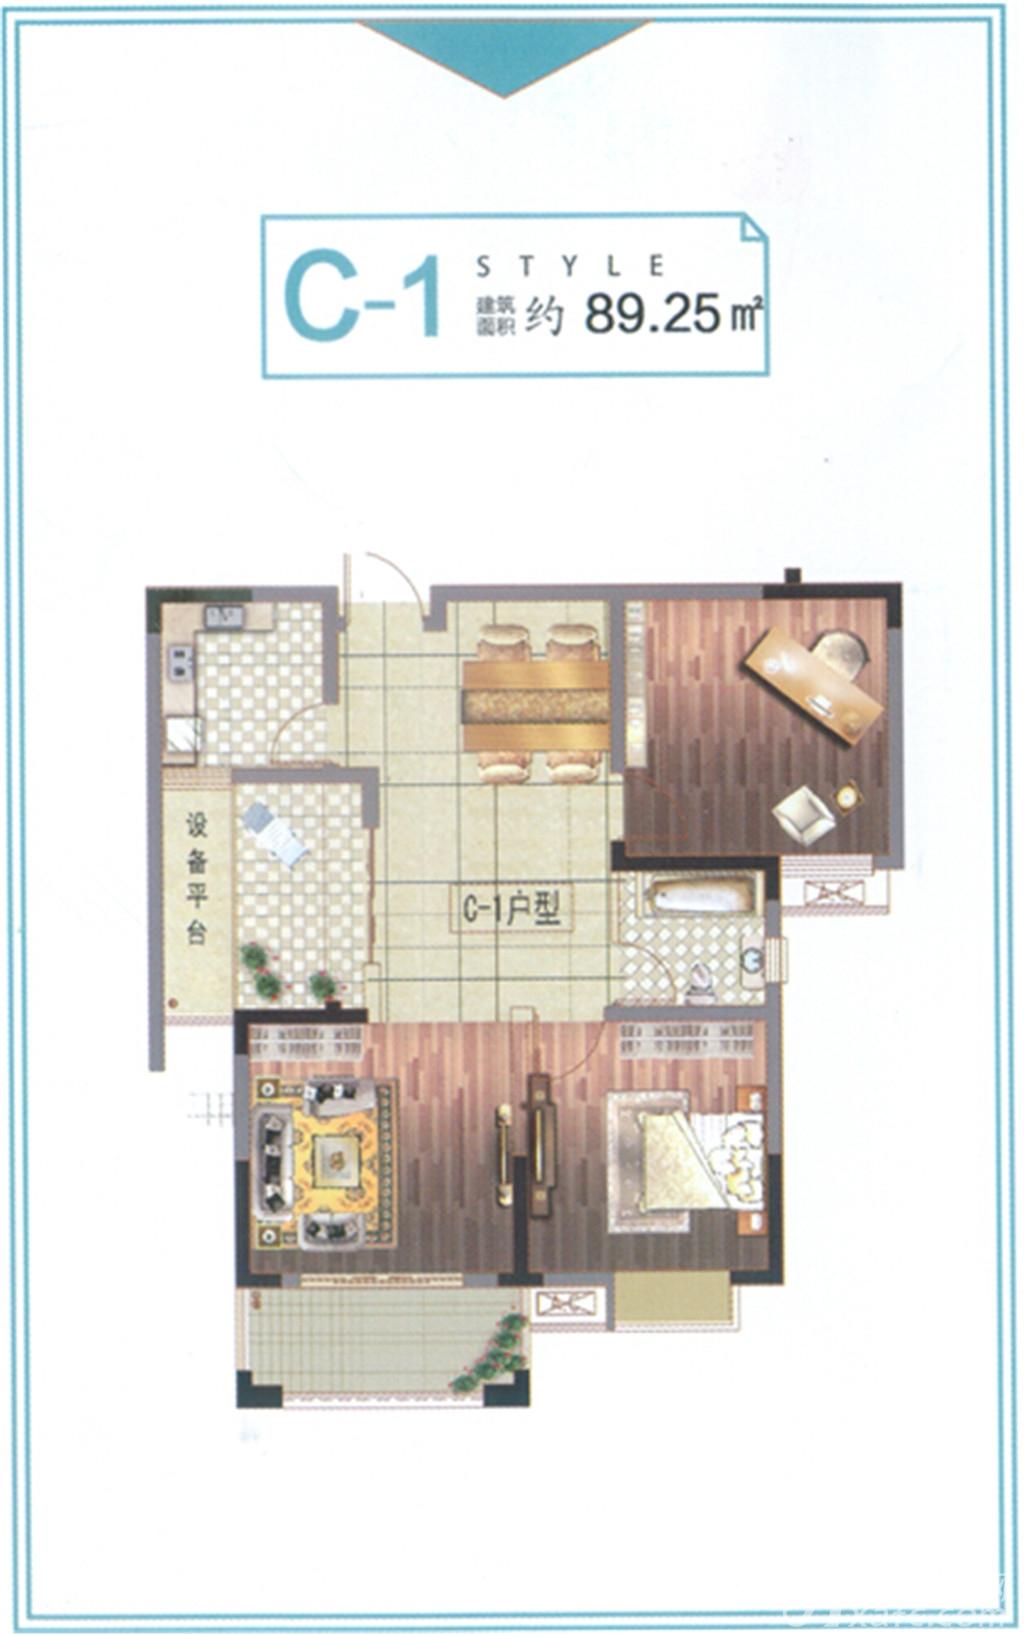 清华嘉园C-1户型2室2厅89.25平米